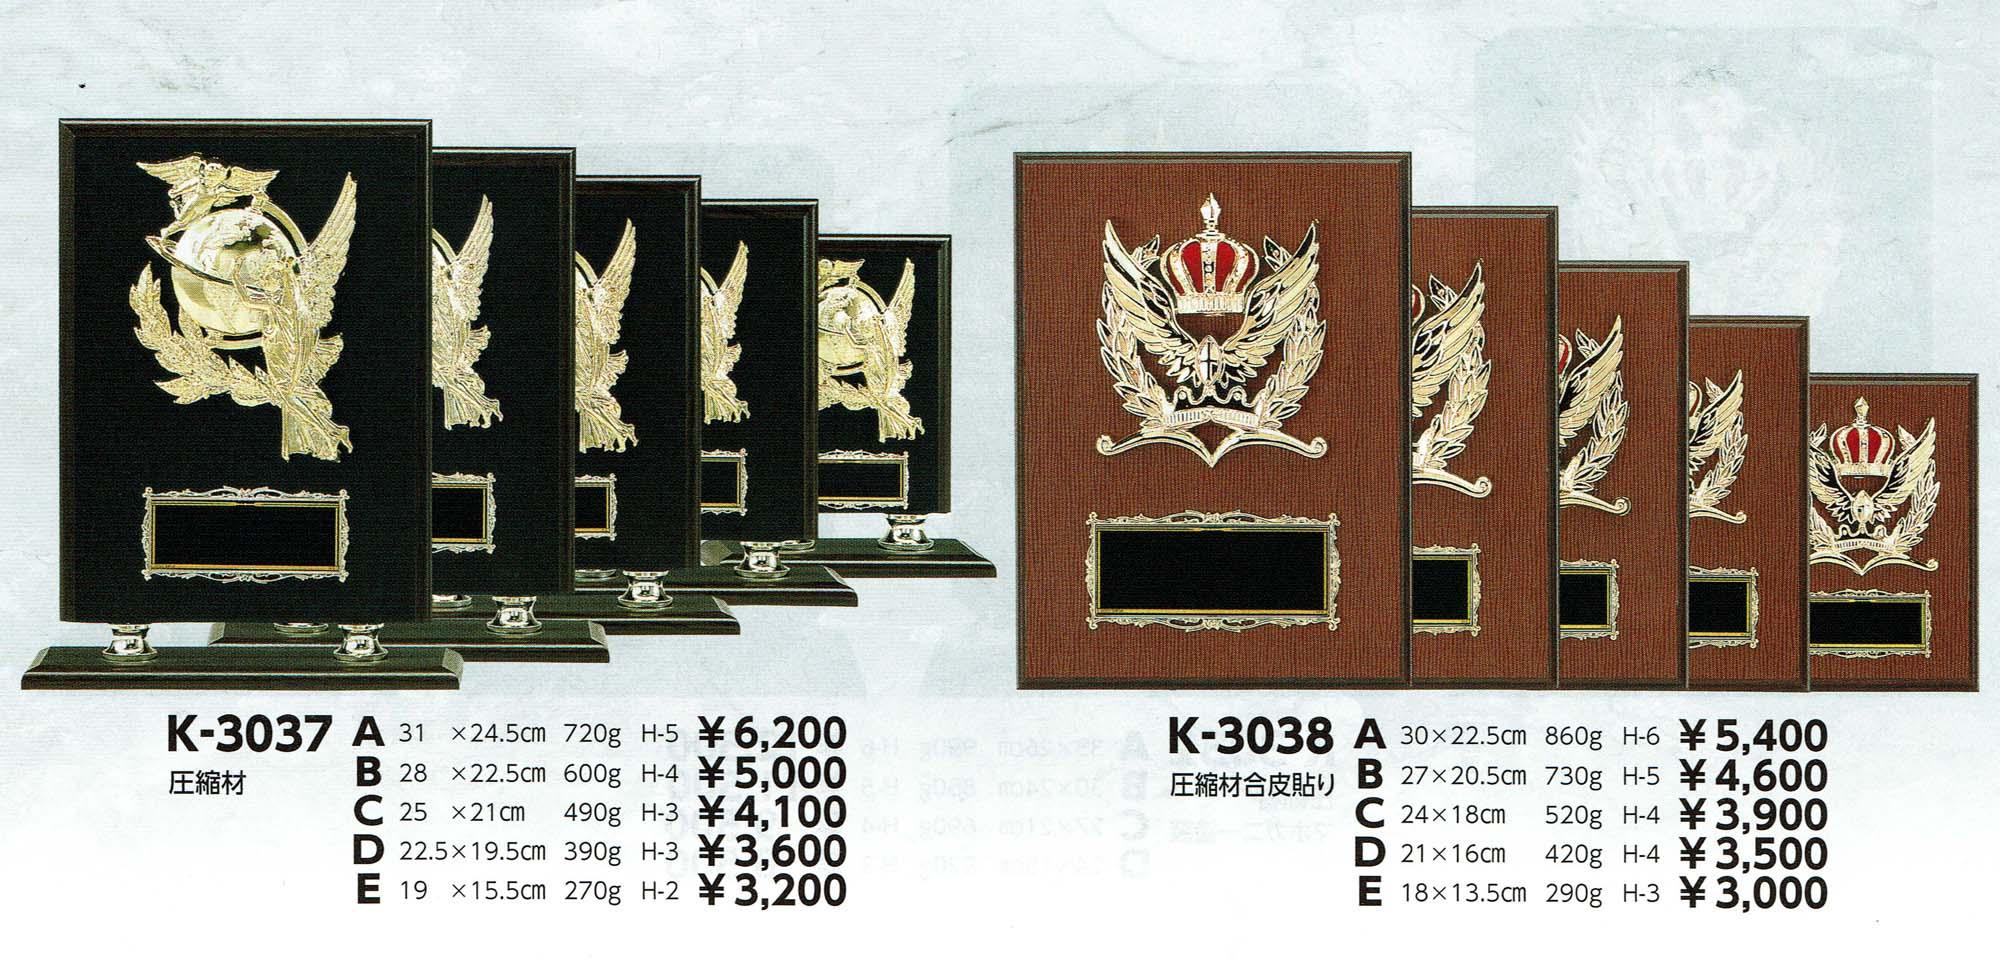 K3037、K3038